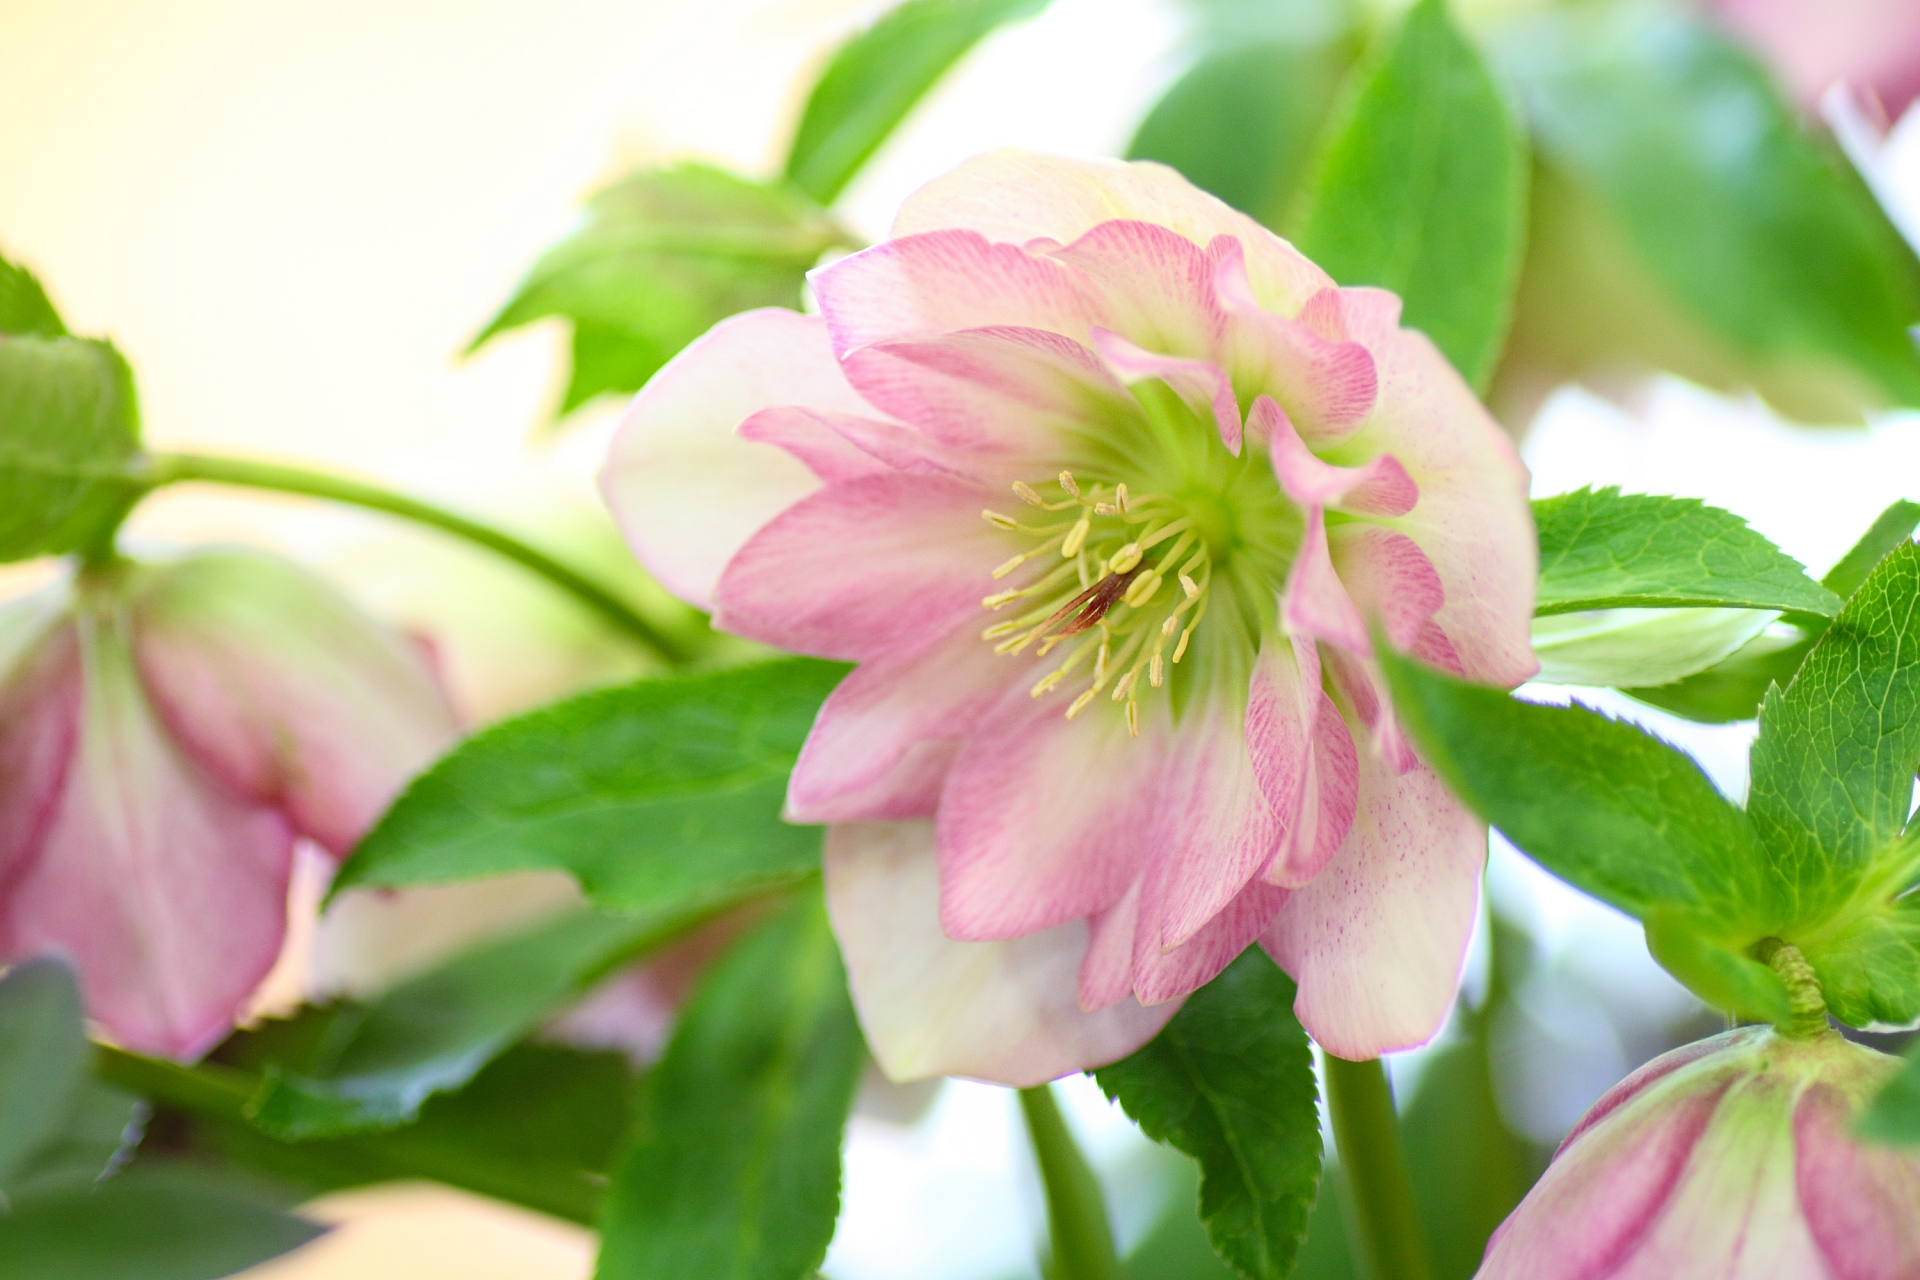 ガーデン用品屋さんの花図鑑 クリスマスローズ